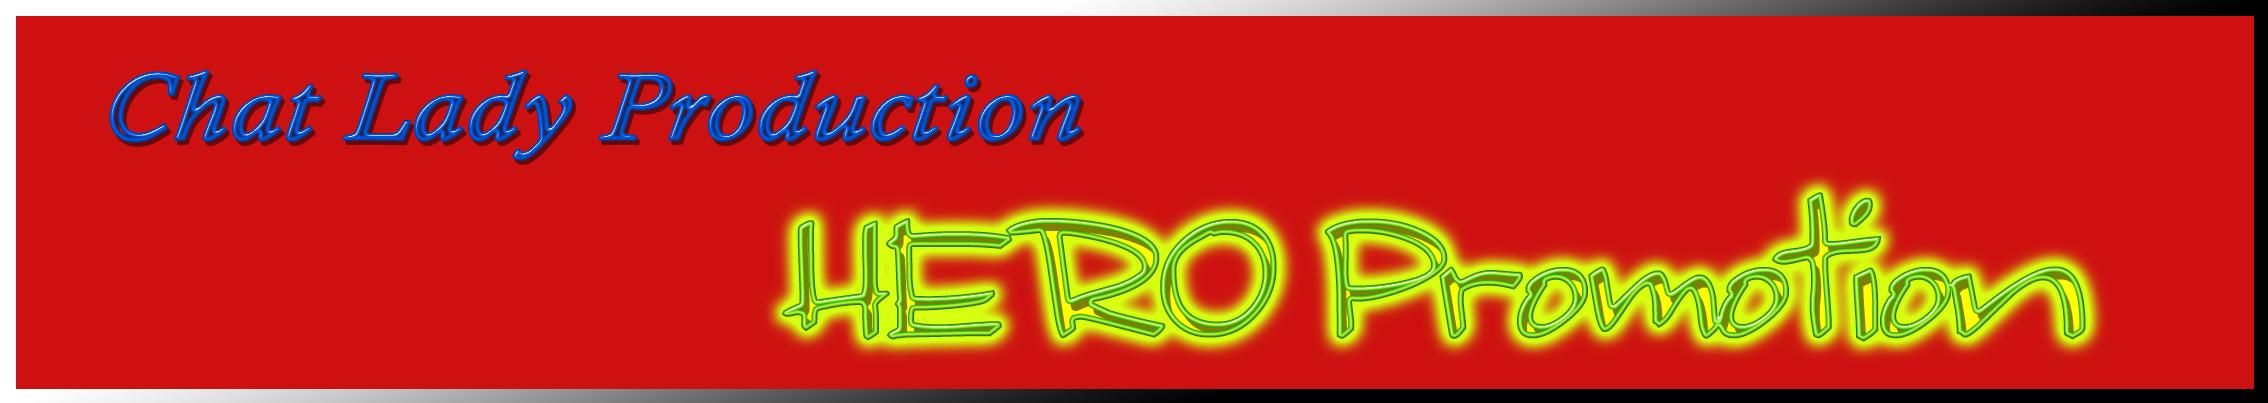 HERO Promotion